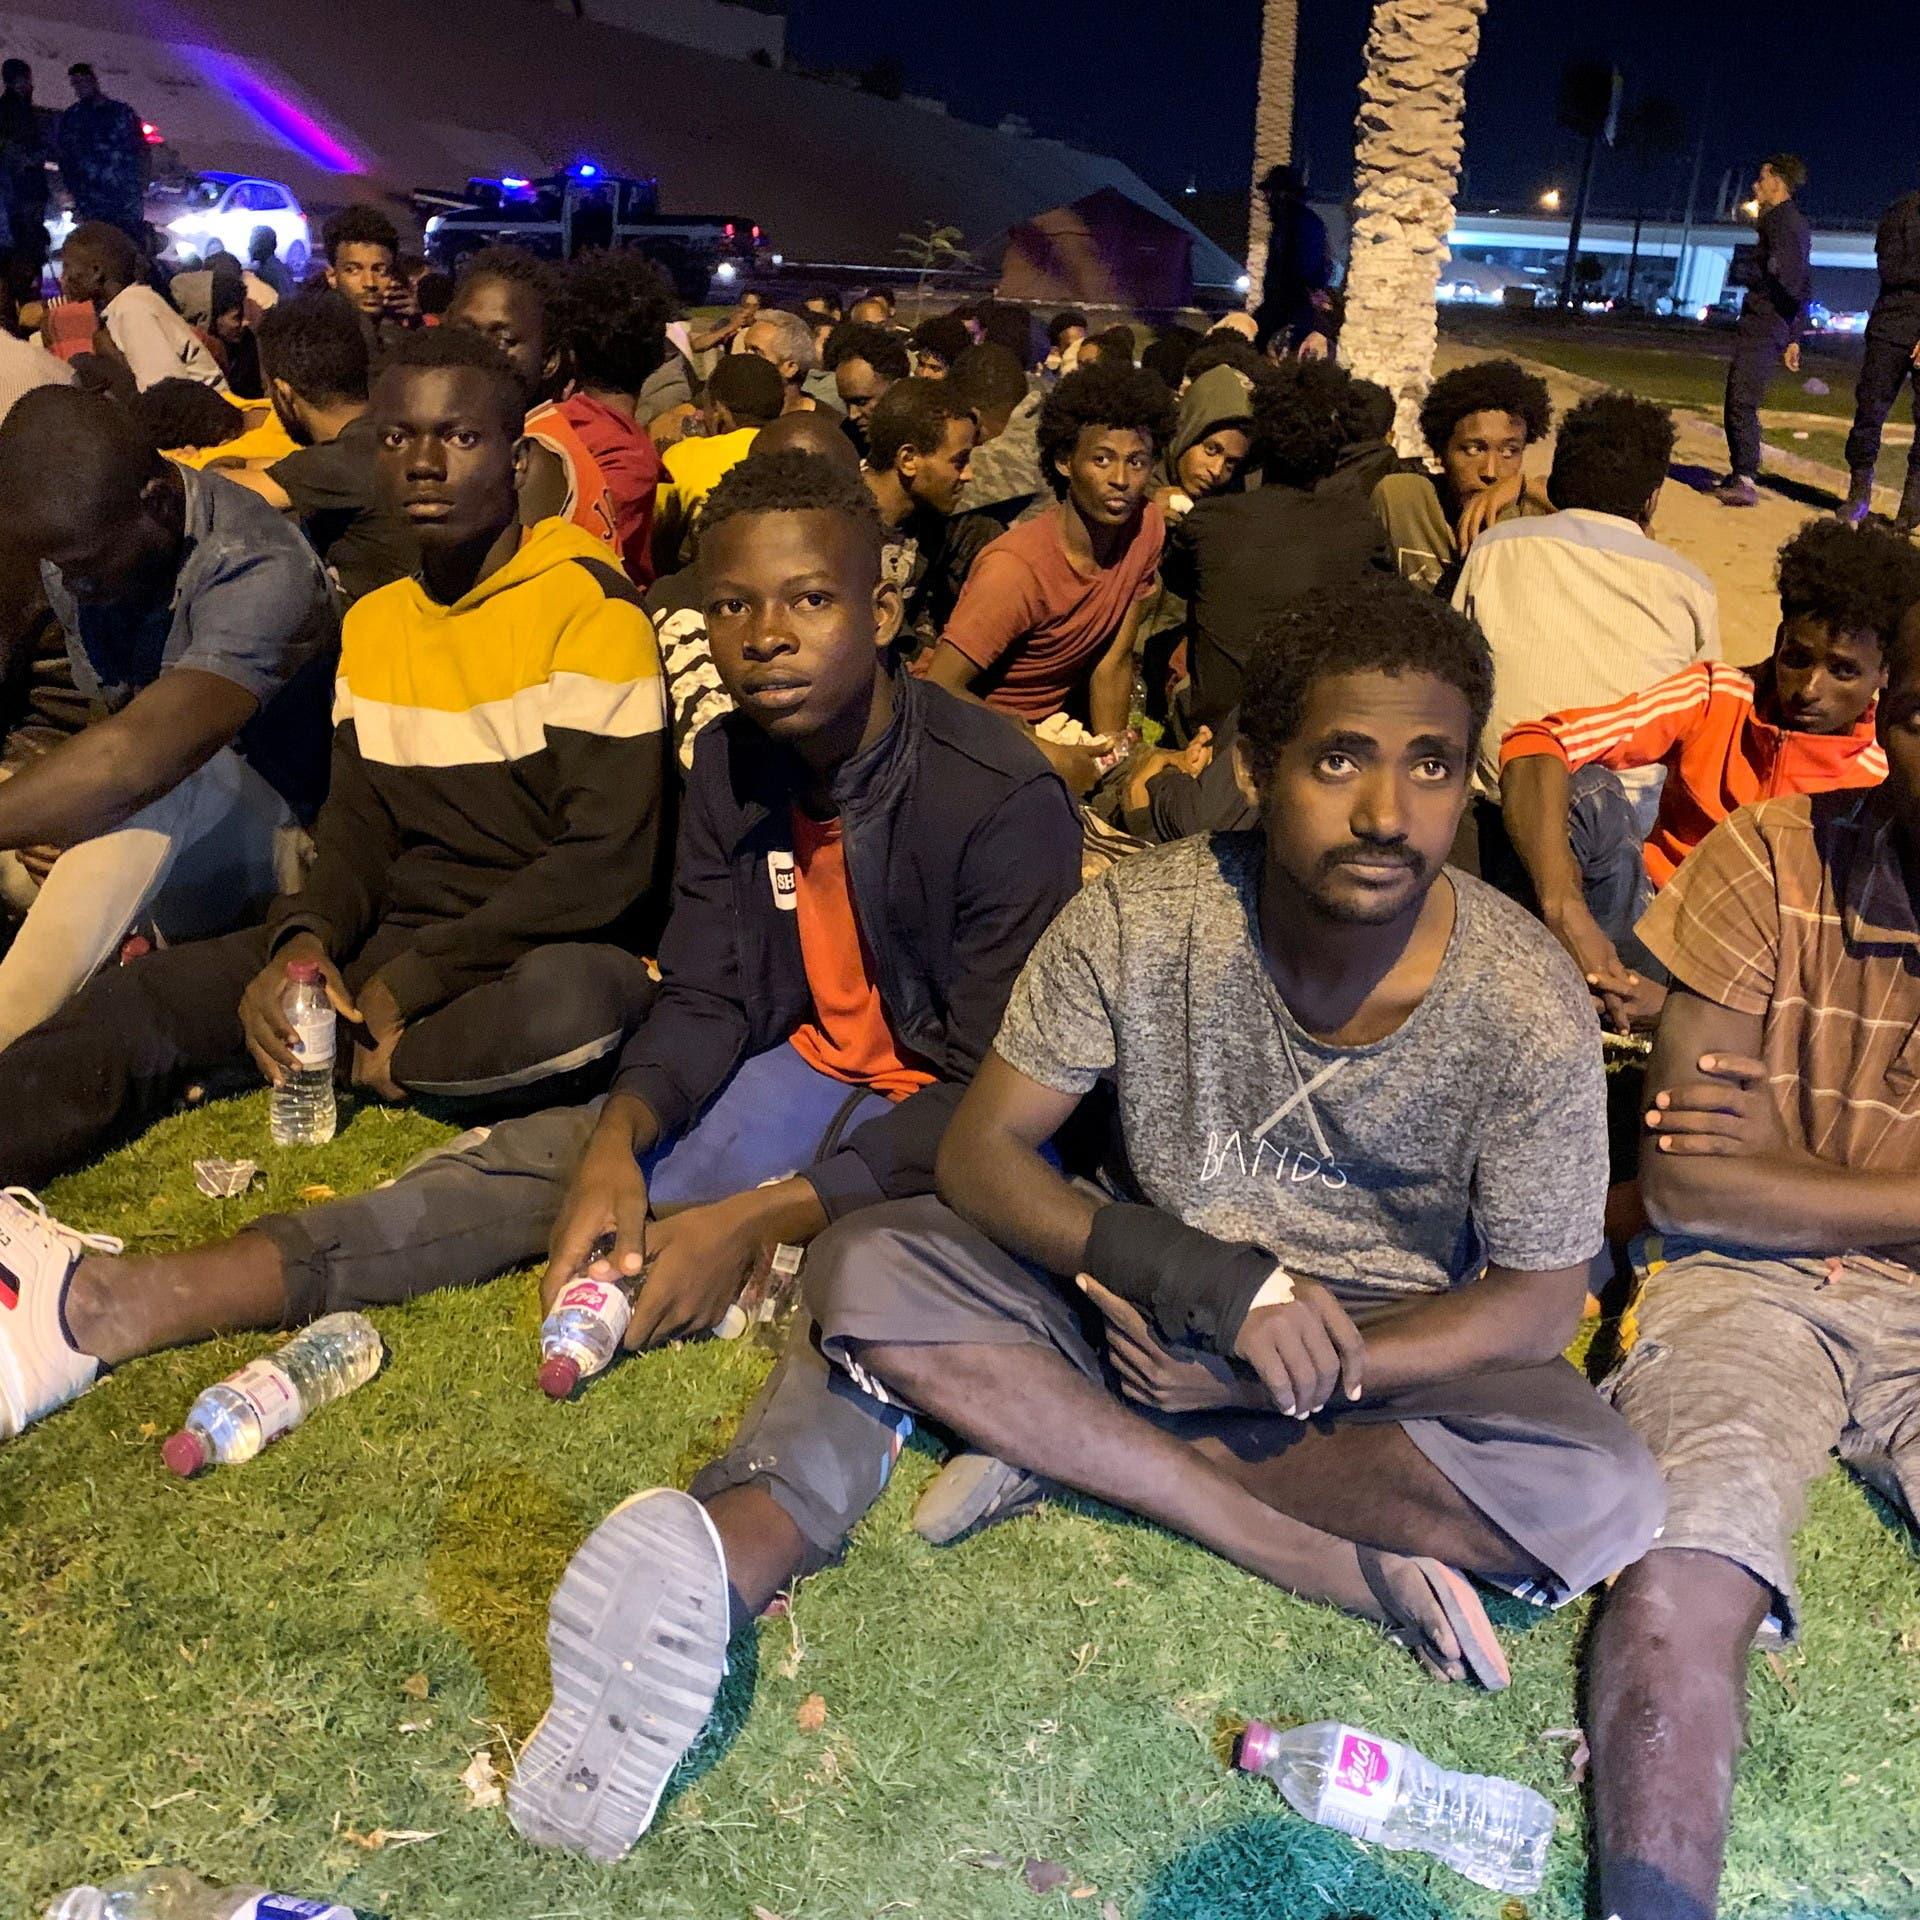 منظمة الهجرة: ليبيا تحتجز 10 آلاف مهاجر في ظروف سيئة